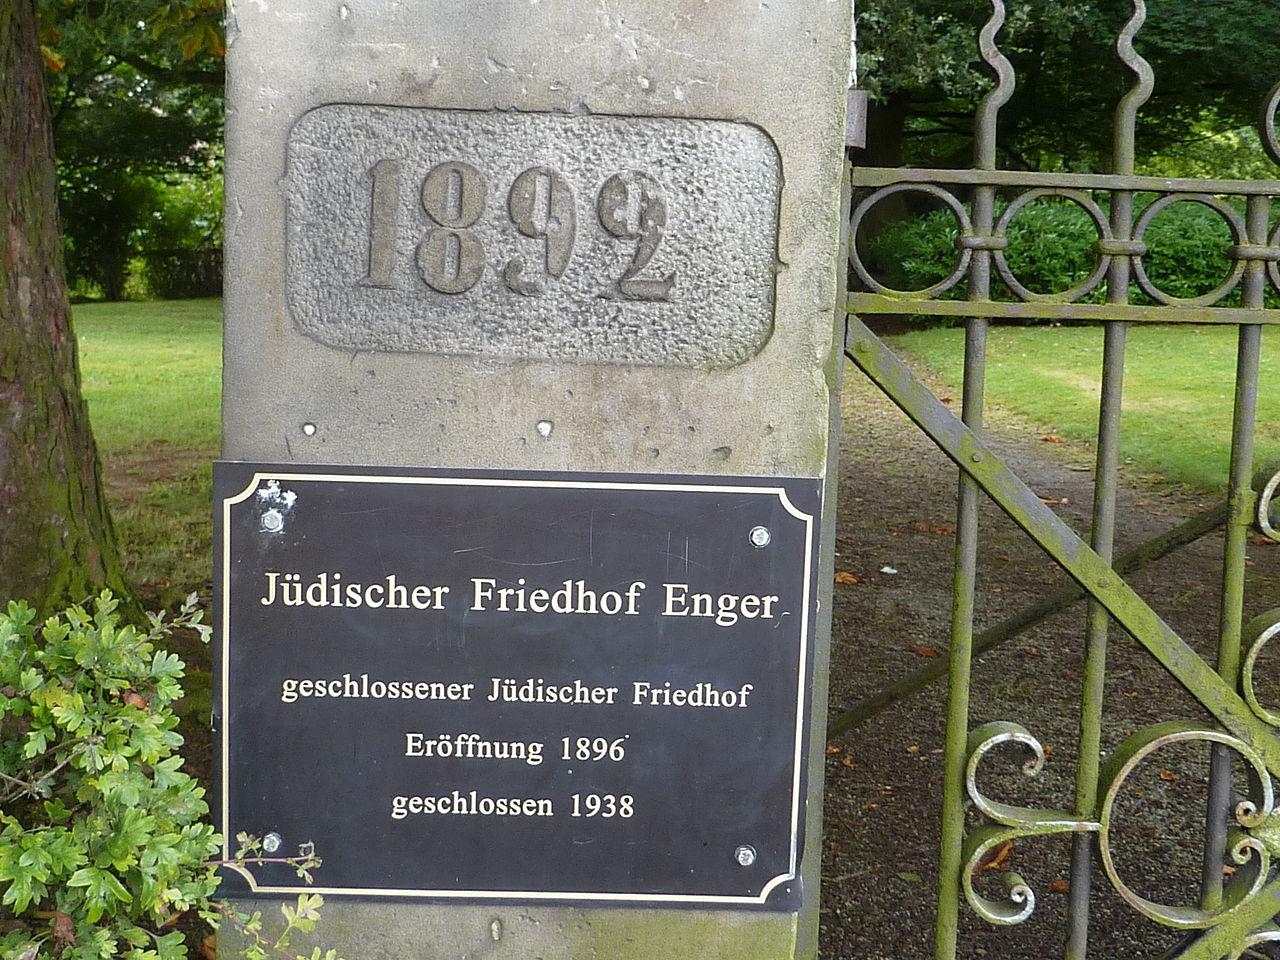 Jüdischer Friedhof Enger1.JPG